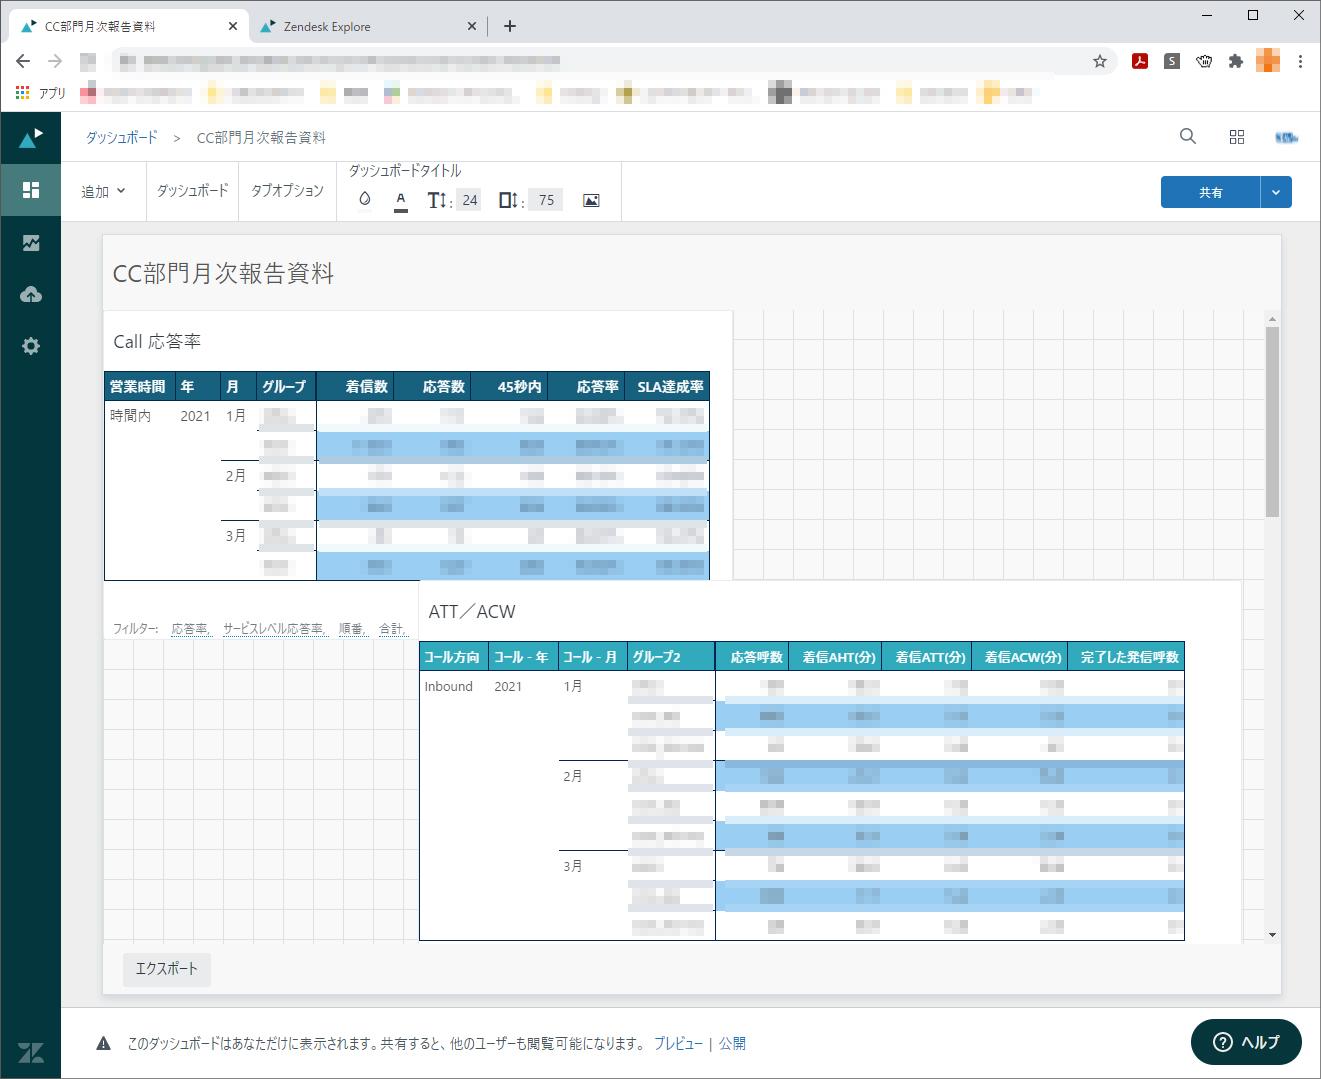 Zendeskのレポーティング&分析機能を使い、報告資料を作成